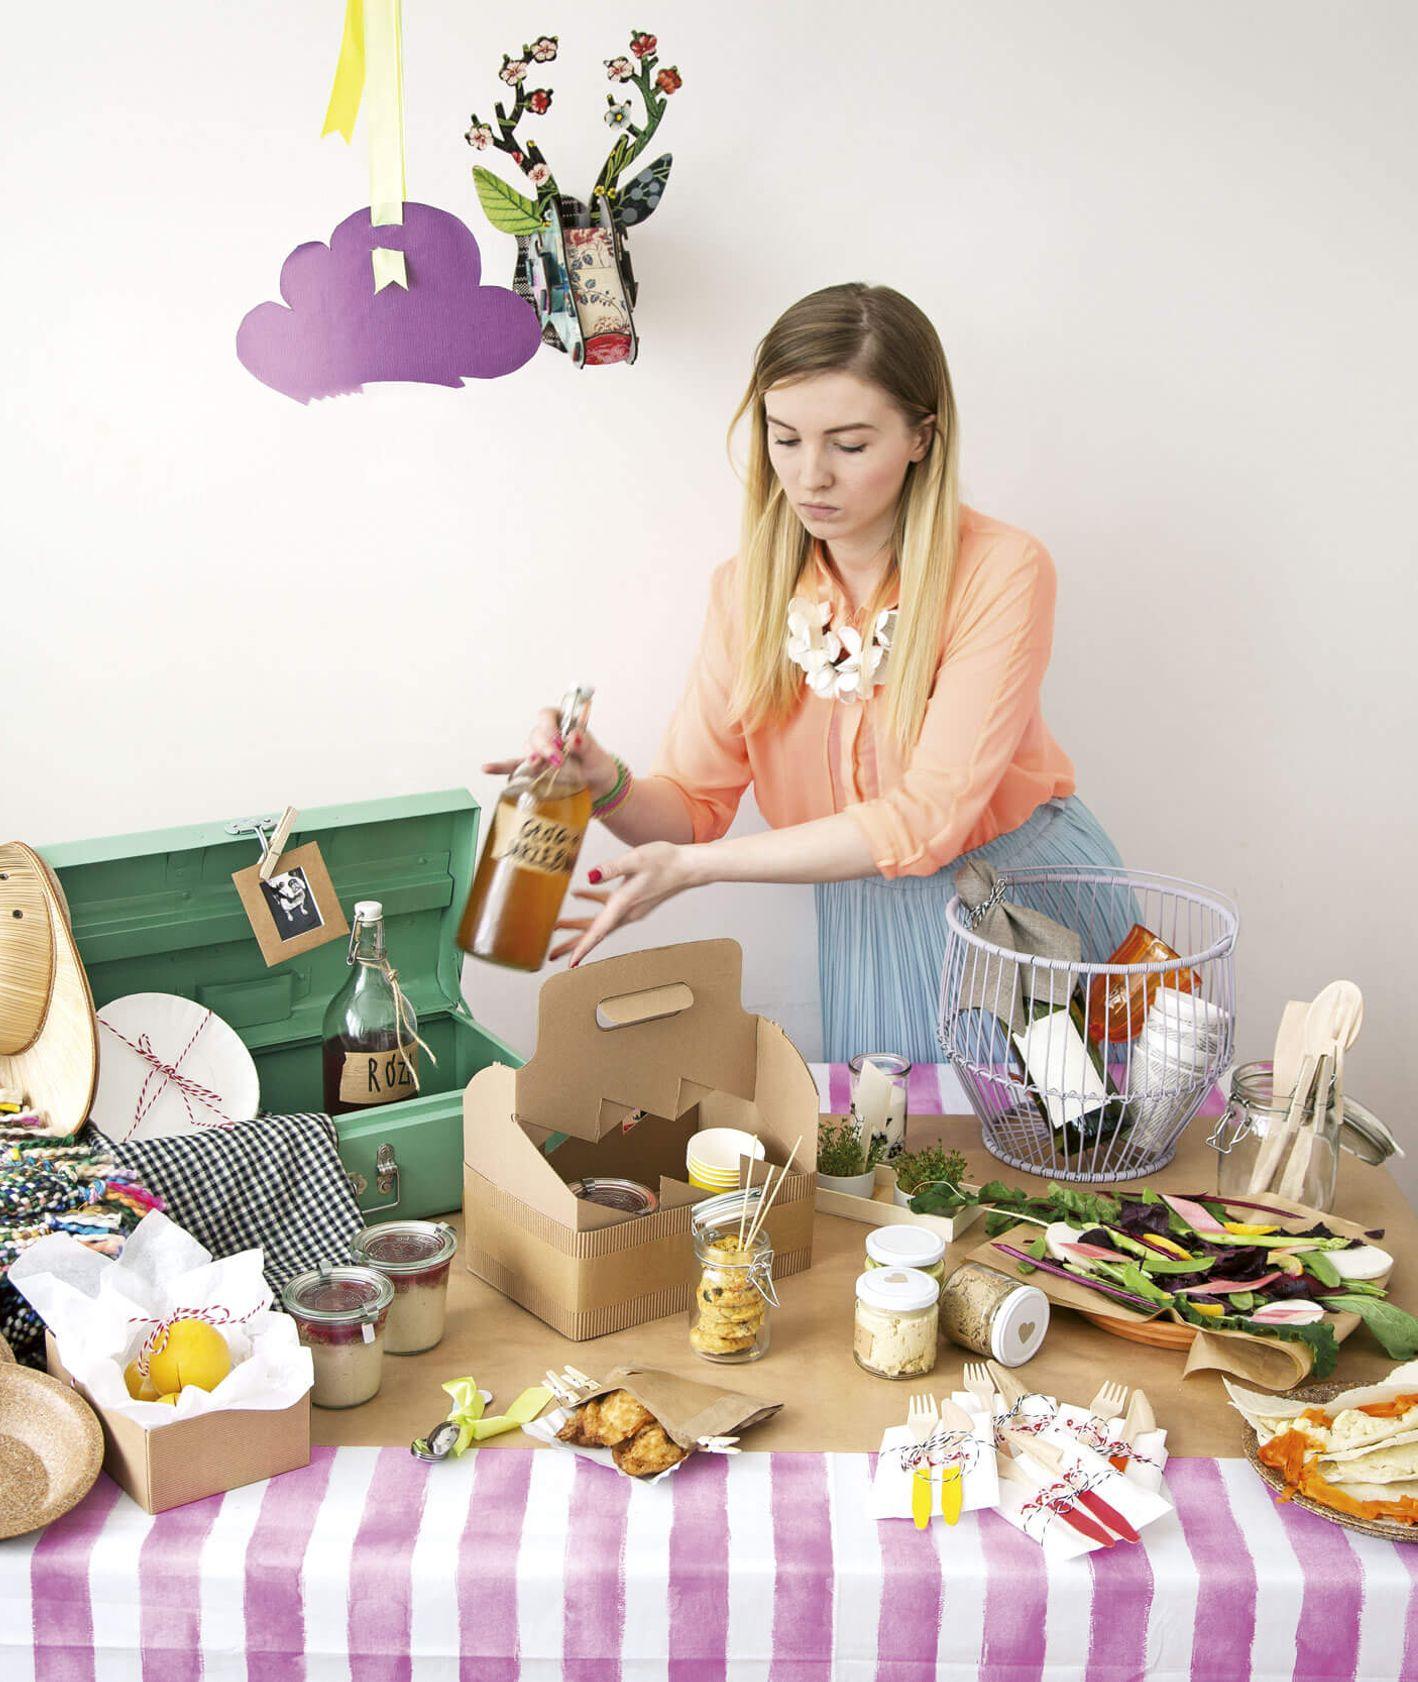 Przepisy na piknik dla 4 osób